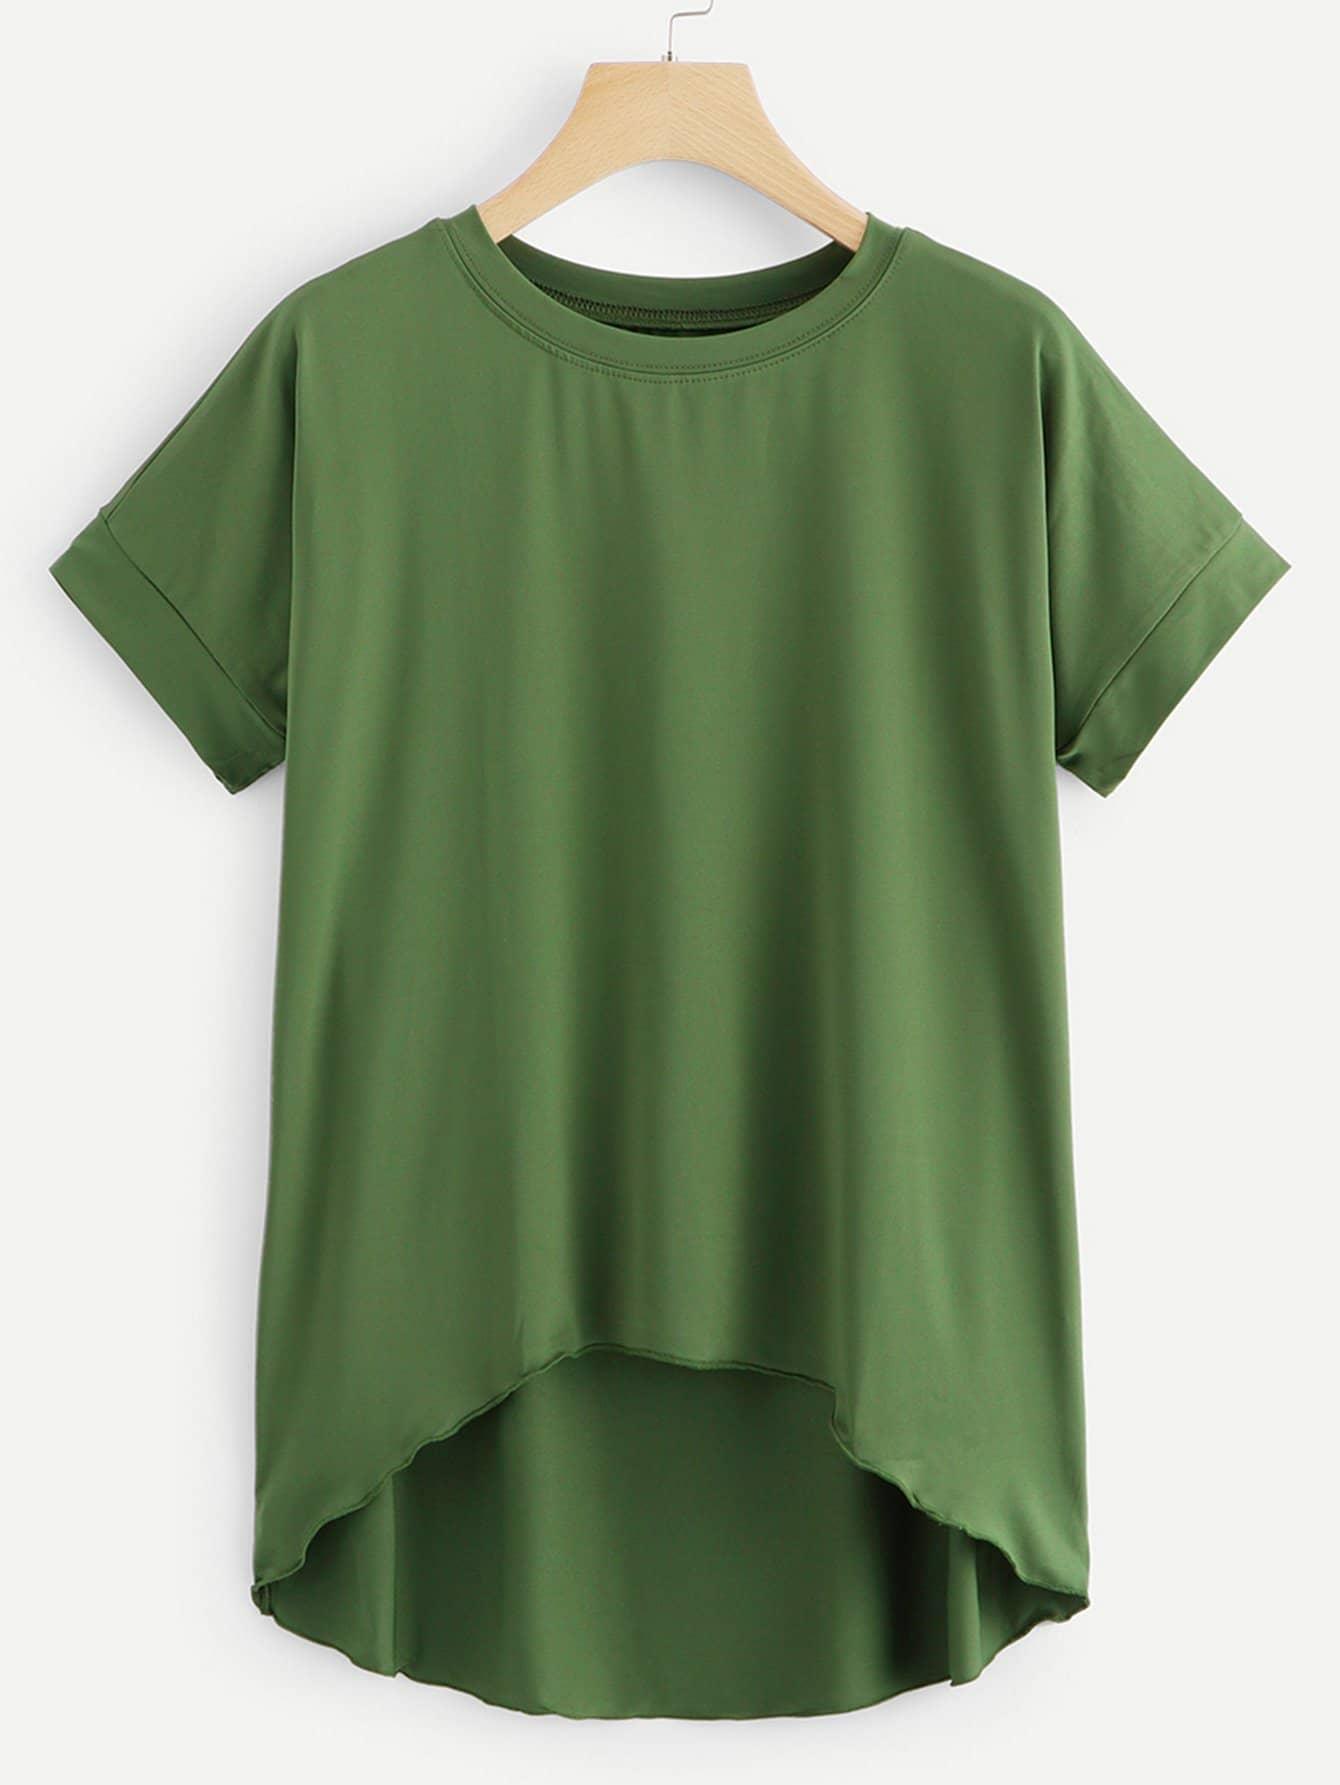 Зелёная модная асимметричная футболка, null, SheIn  - купить со скидкой